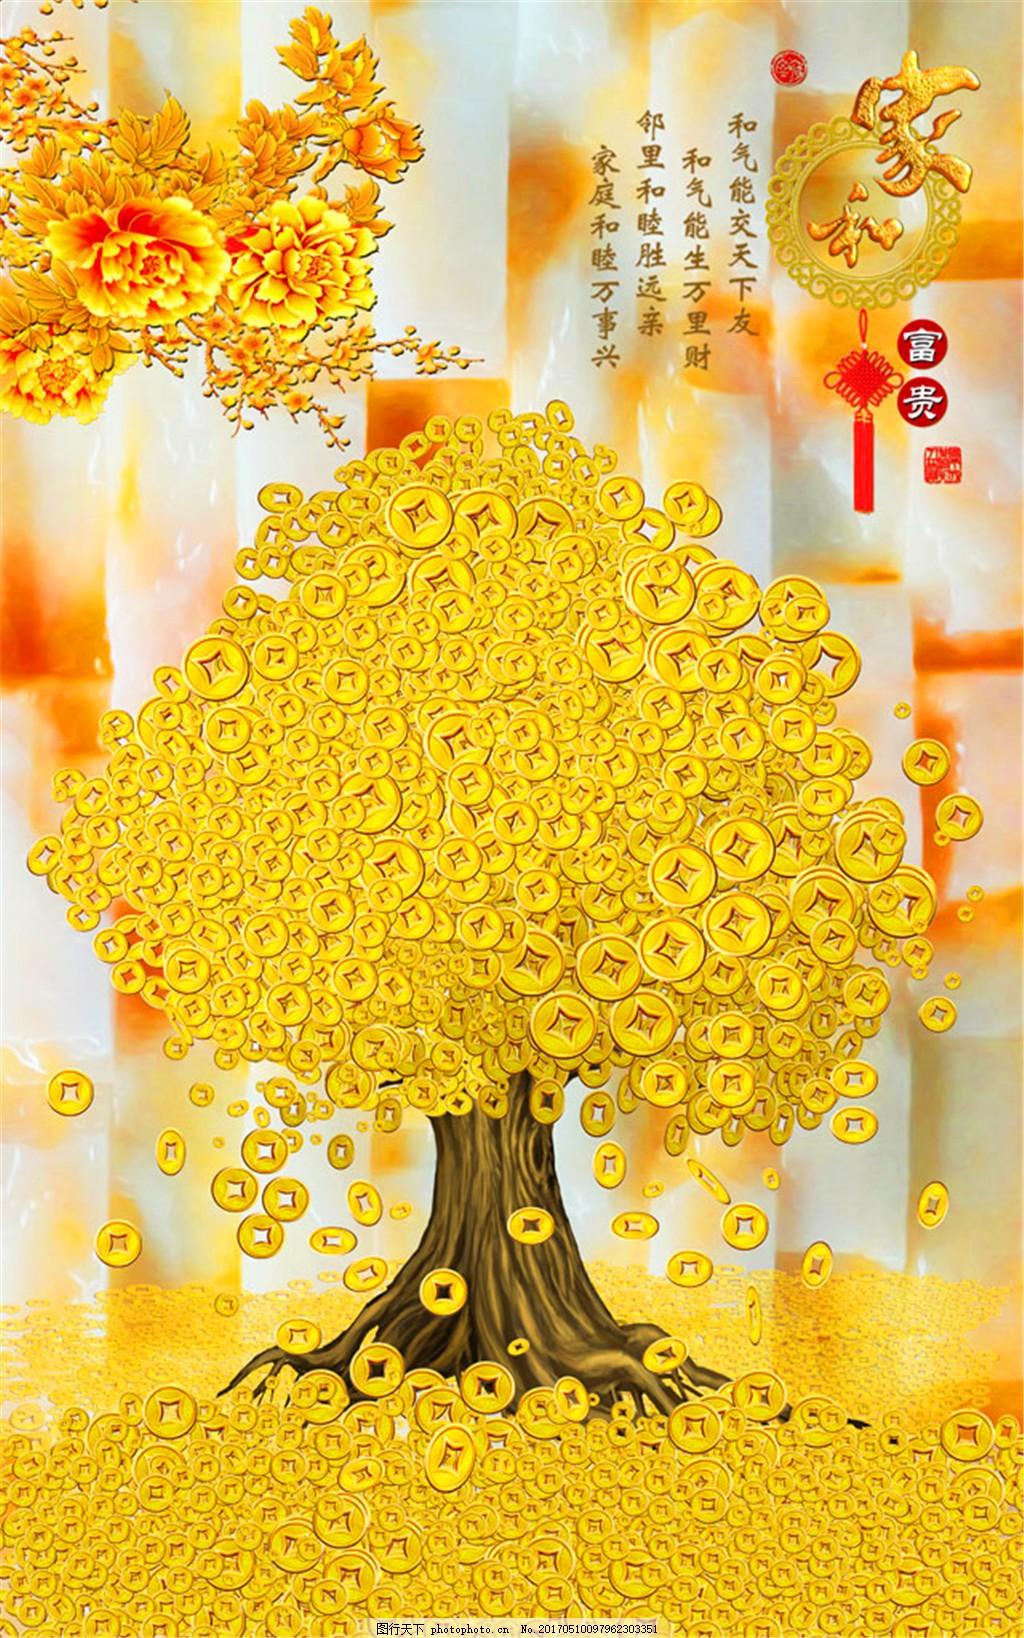 摇钱树装饰画图片